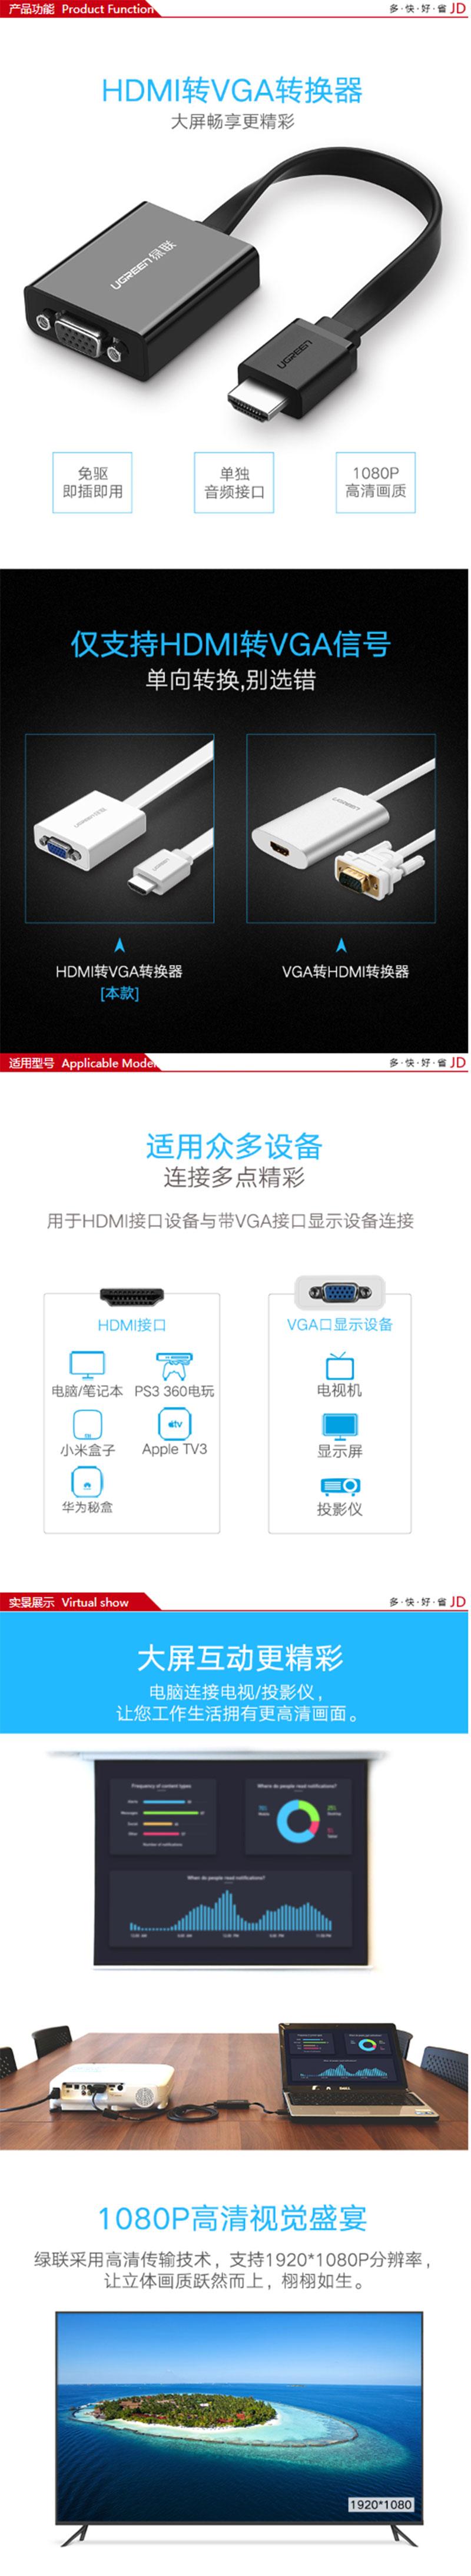 绿联40248 HDMI(高清)转VGA 带音频